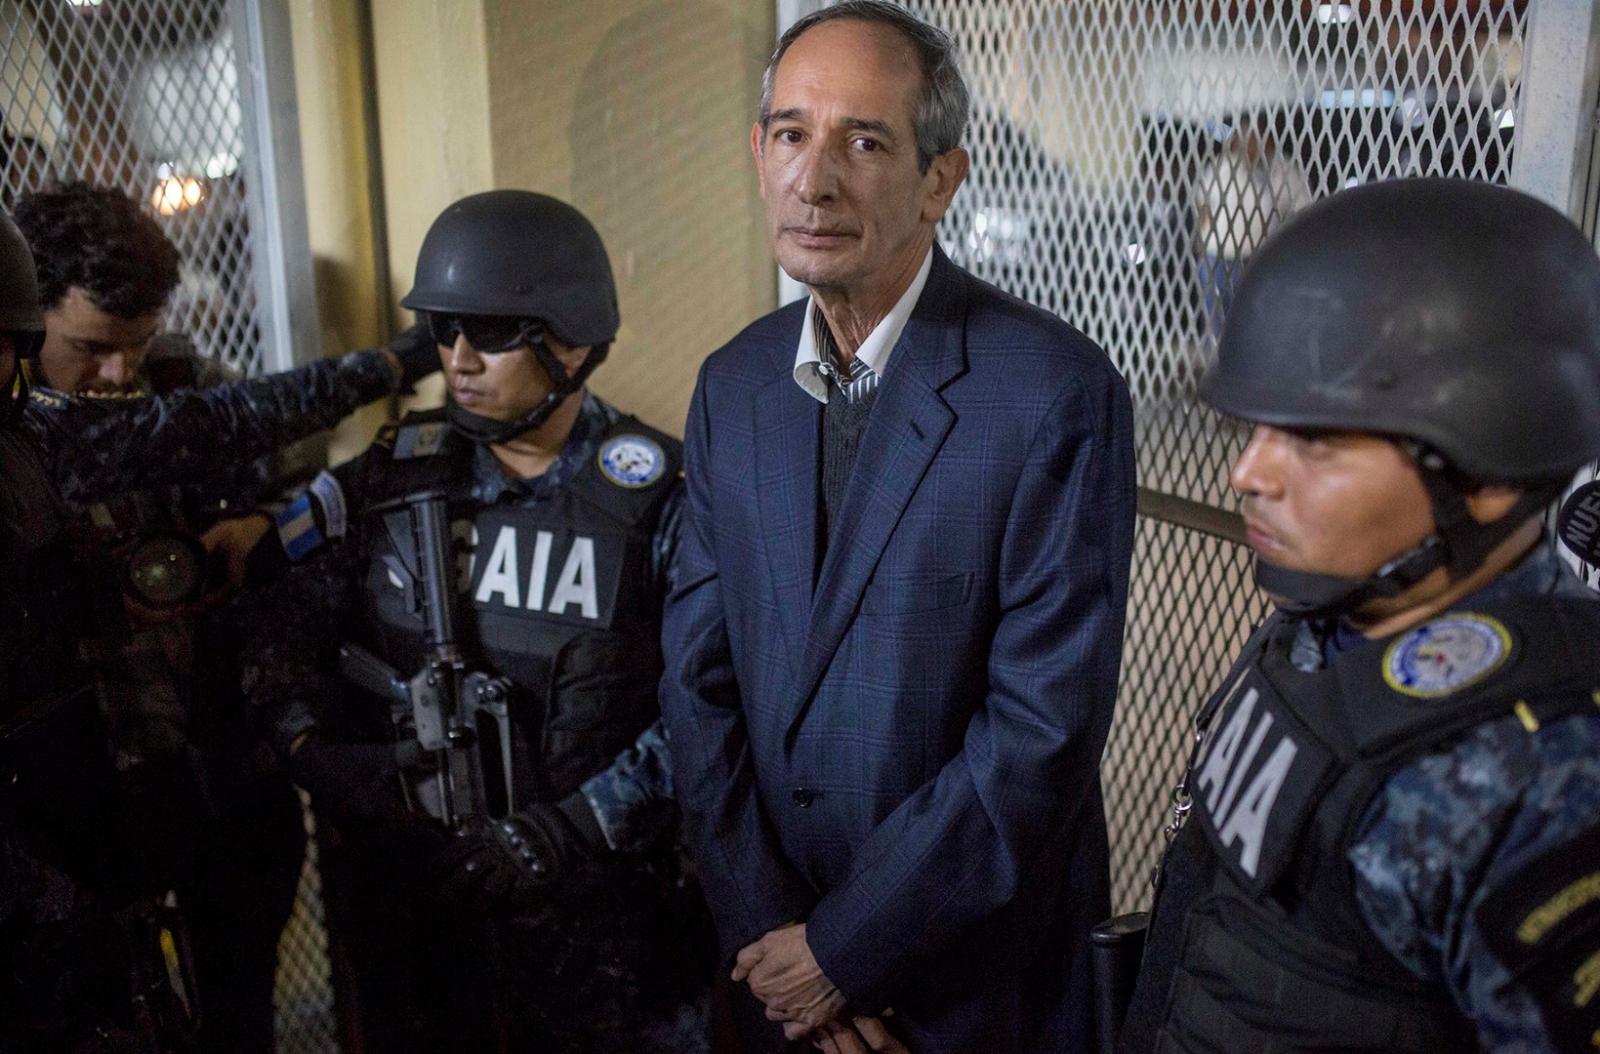 El expresidente Guatemala Álvaro Colom fue arrestado por corrupción